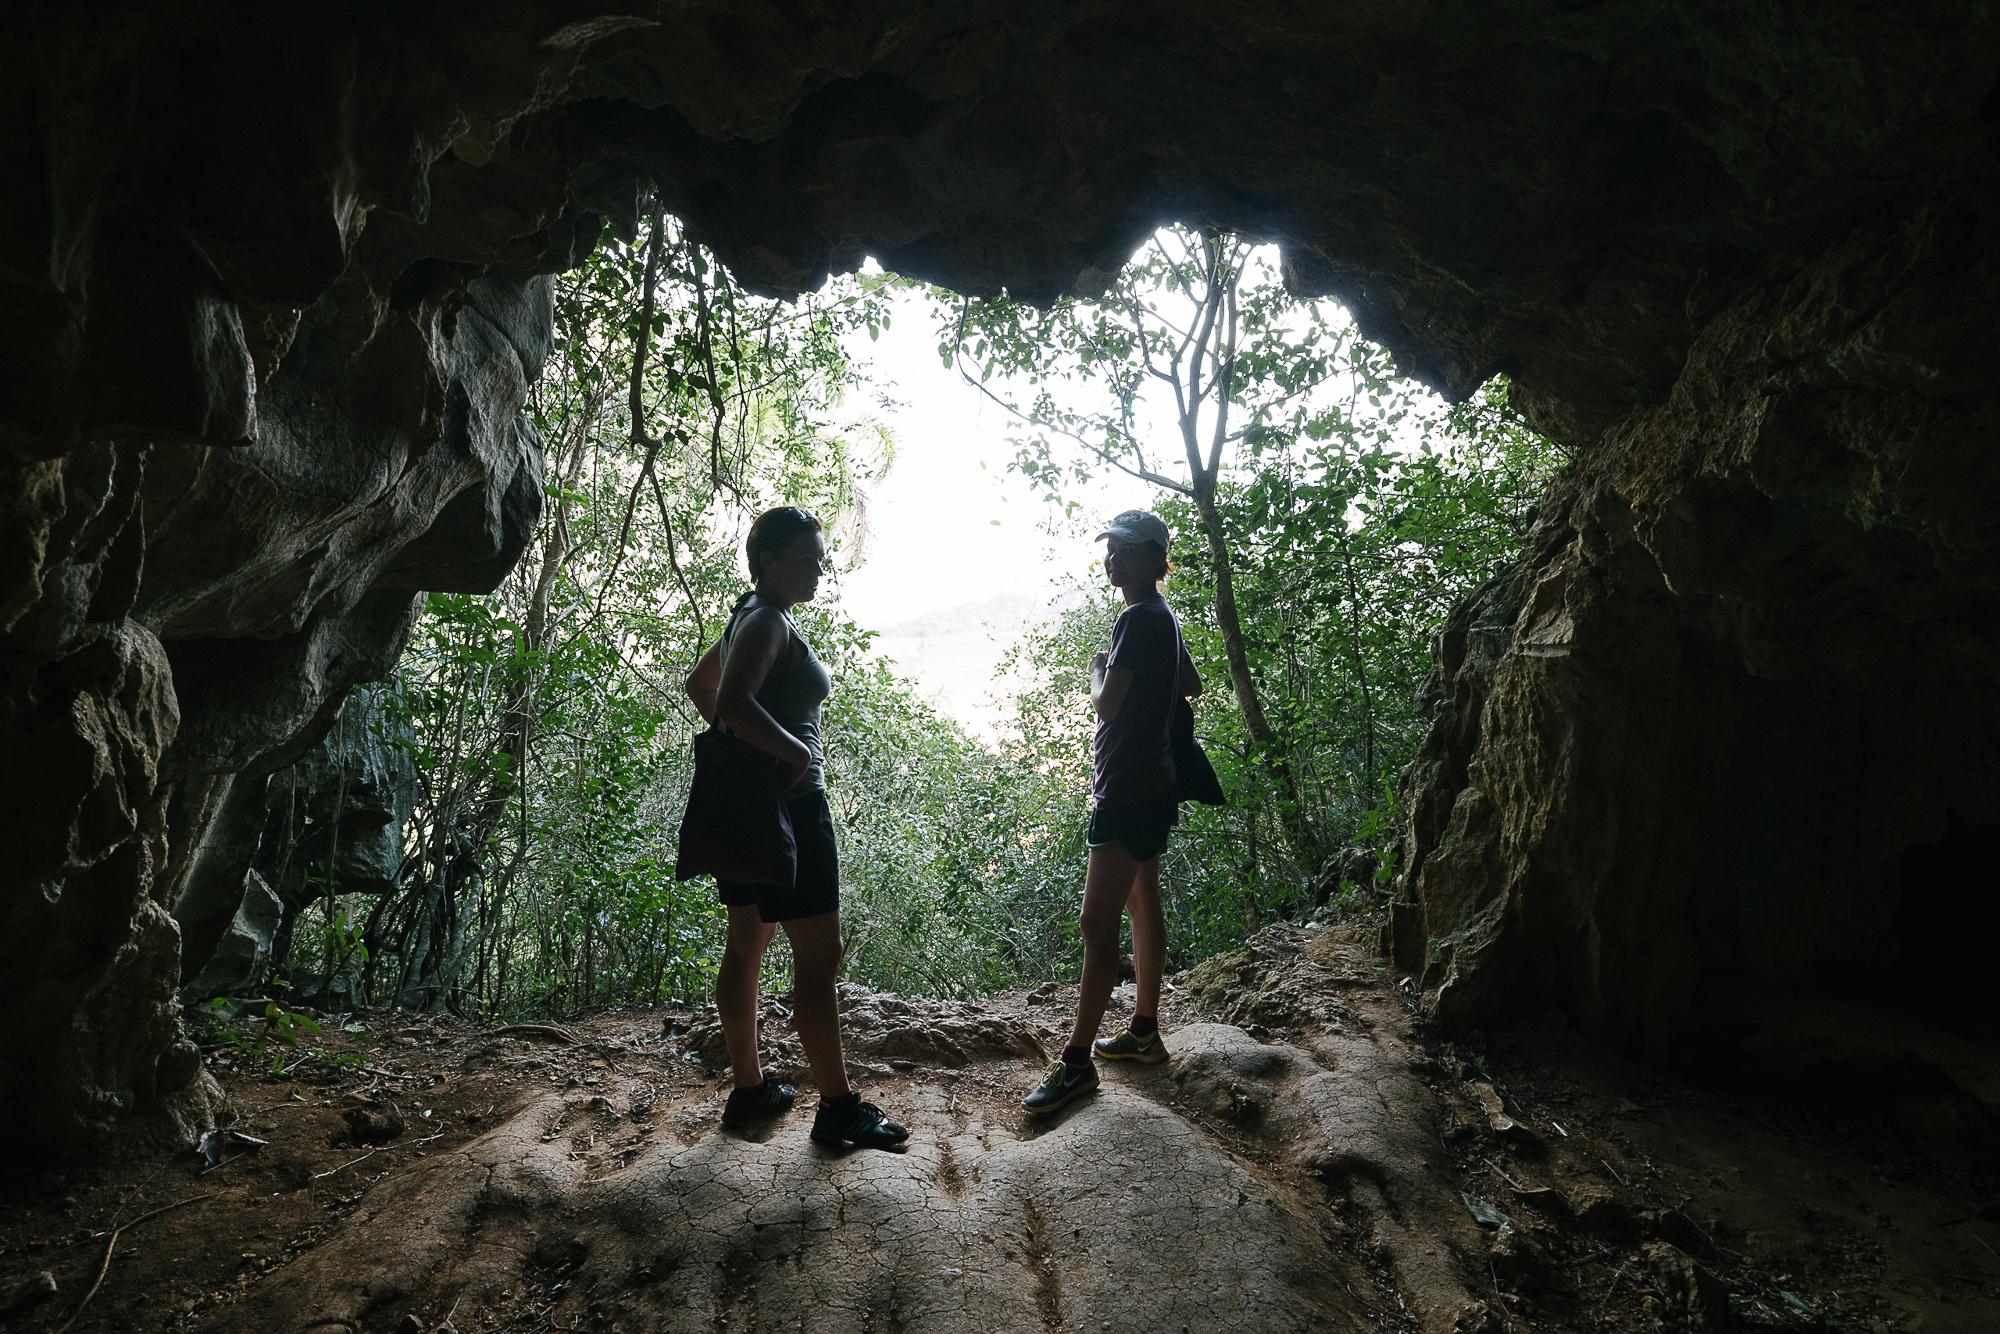 Cueva de la Vaca